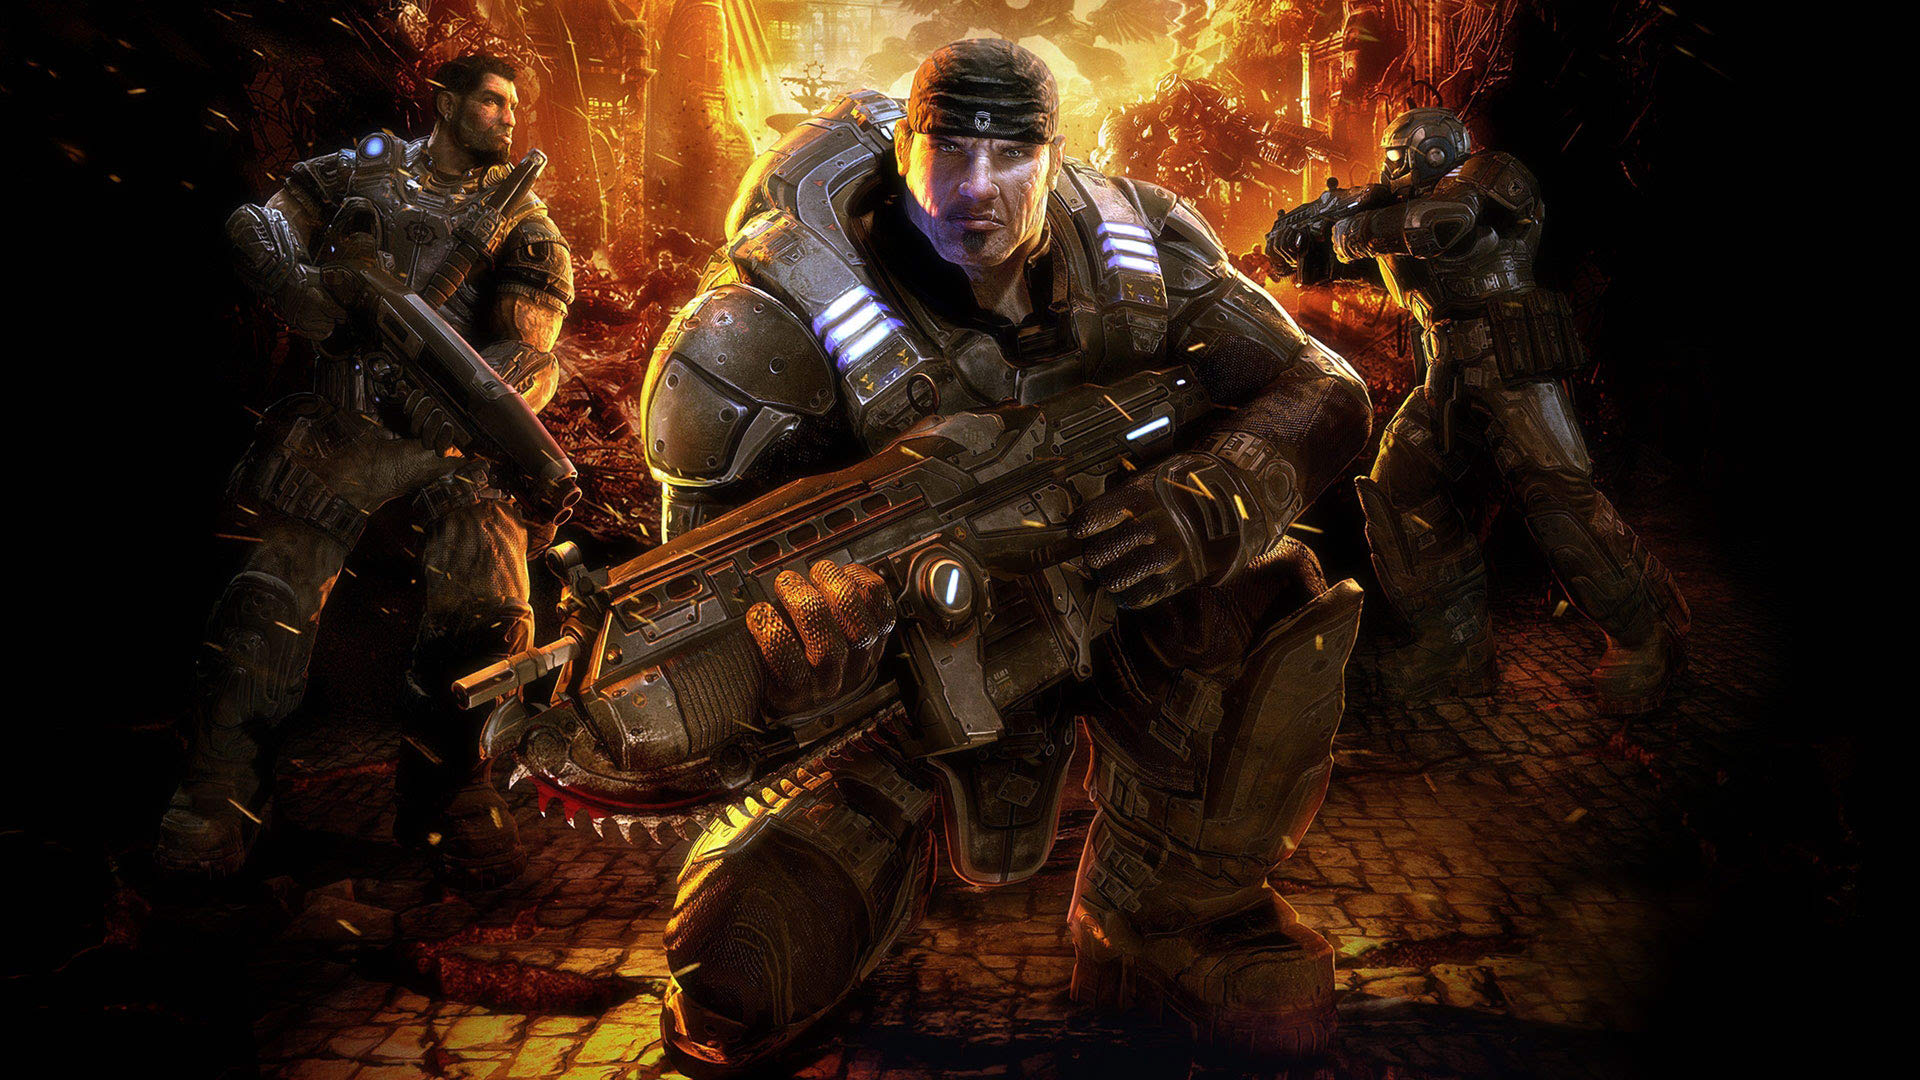 Gears Of War Background Hd Gears Of War 7262